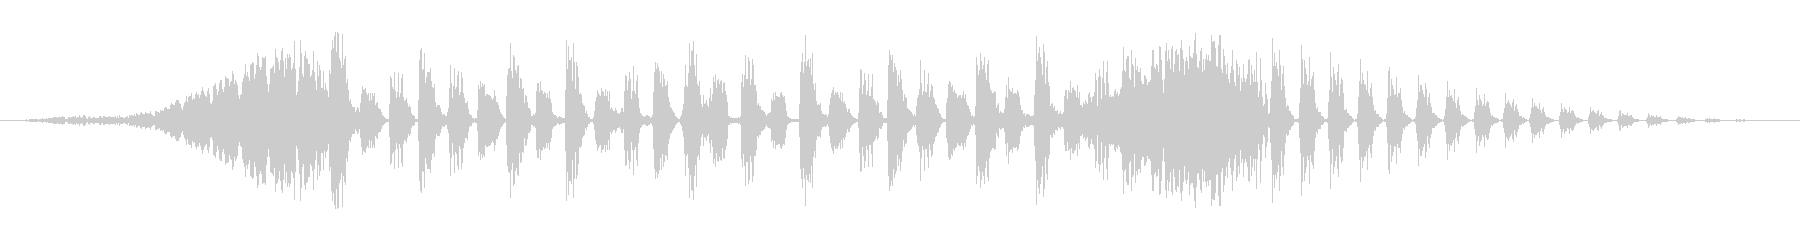 エレクトロアコースティックミュージ...の未再生の波形